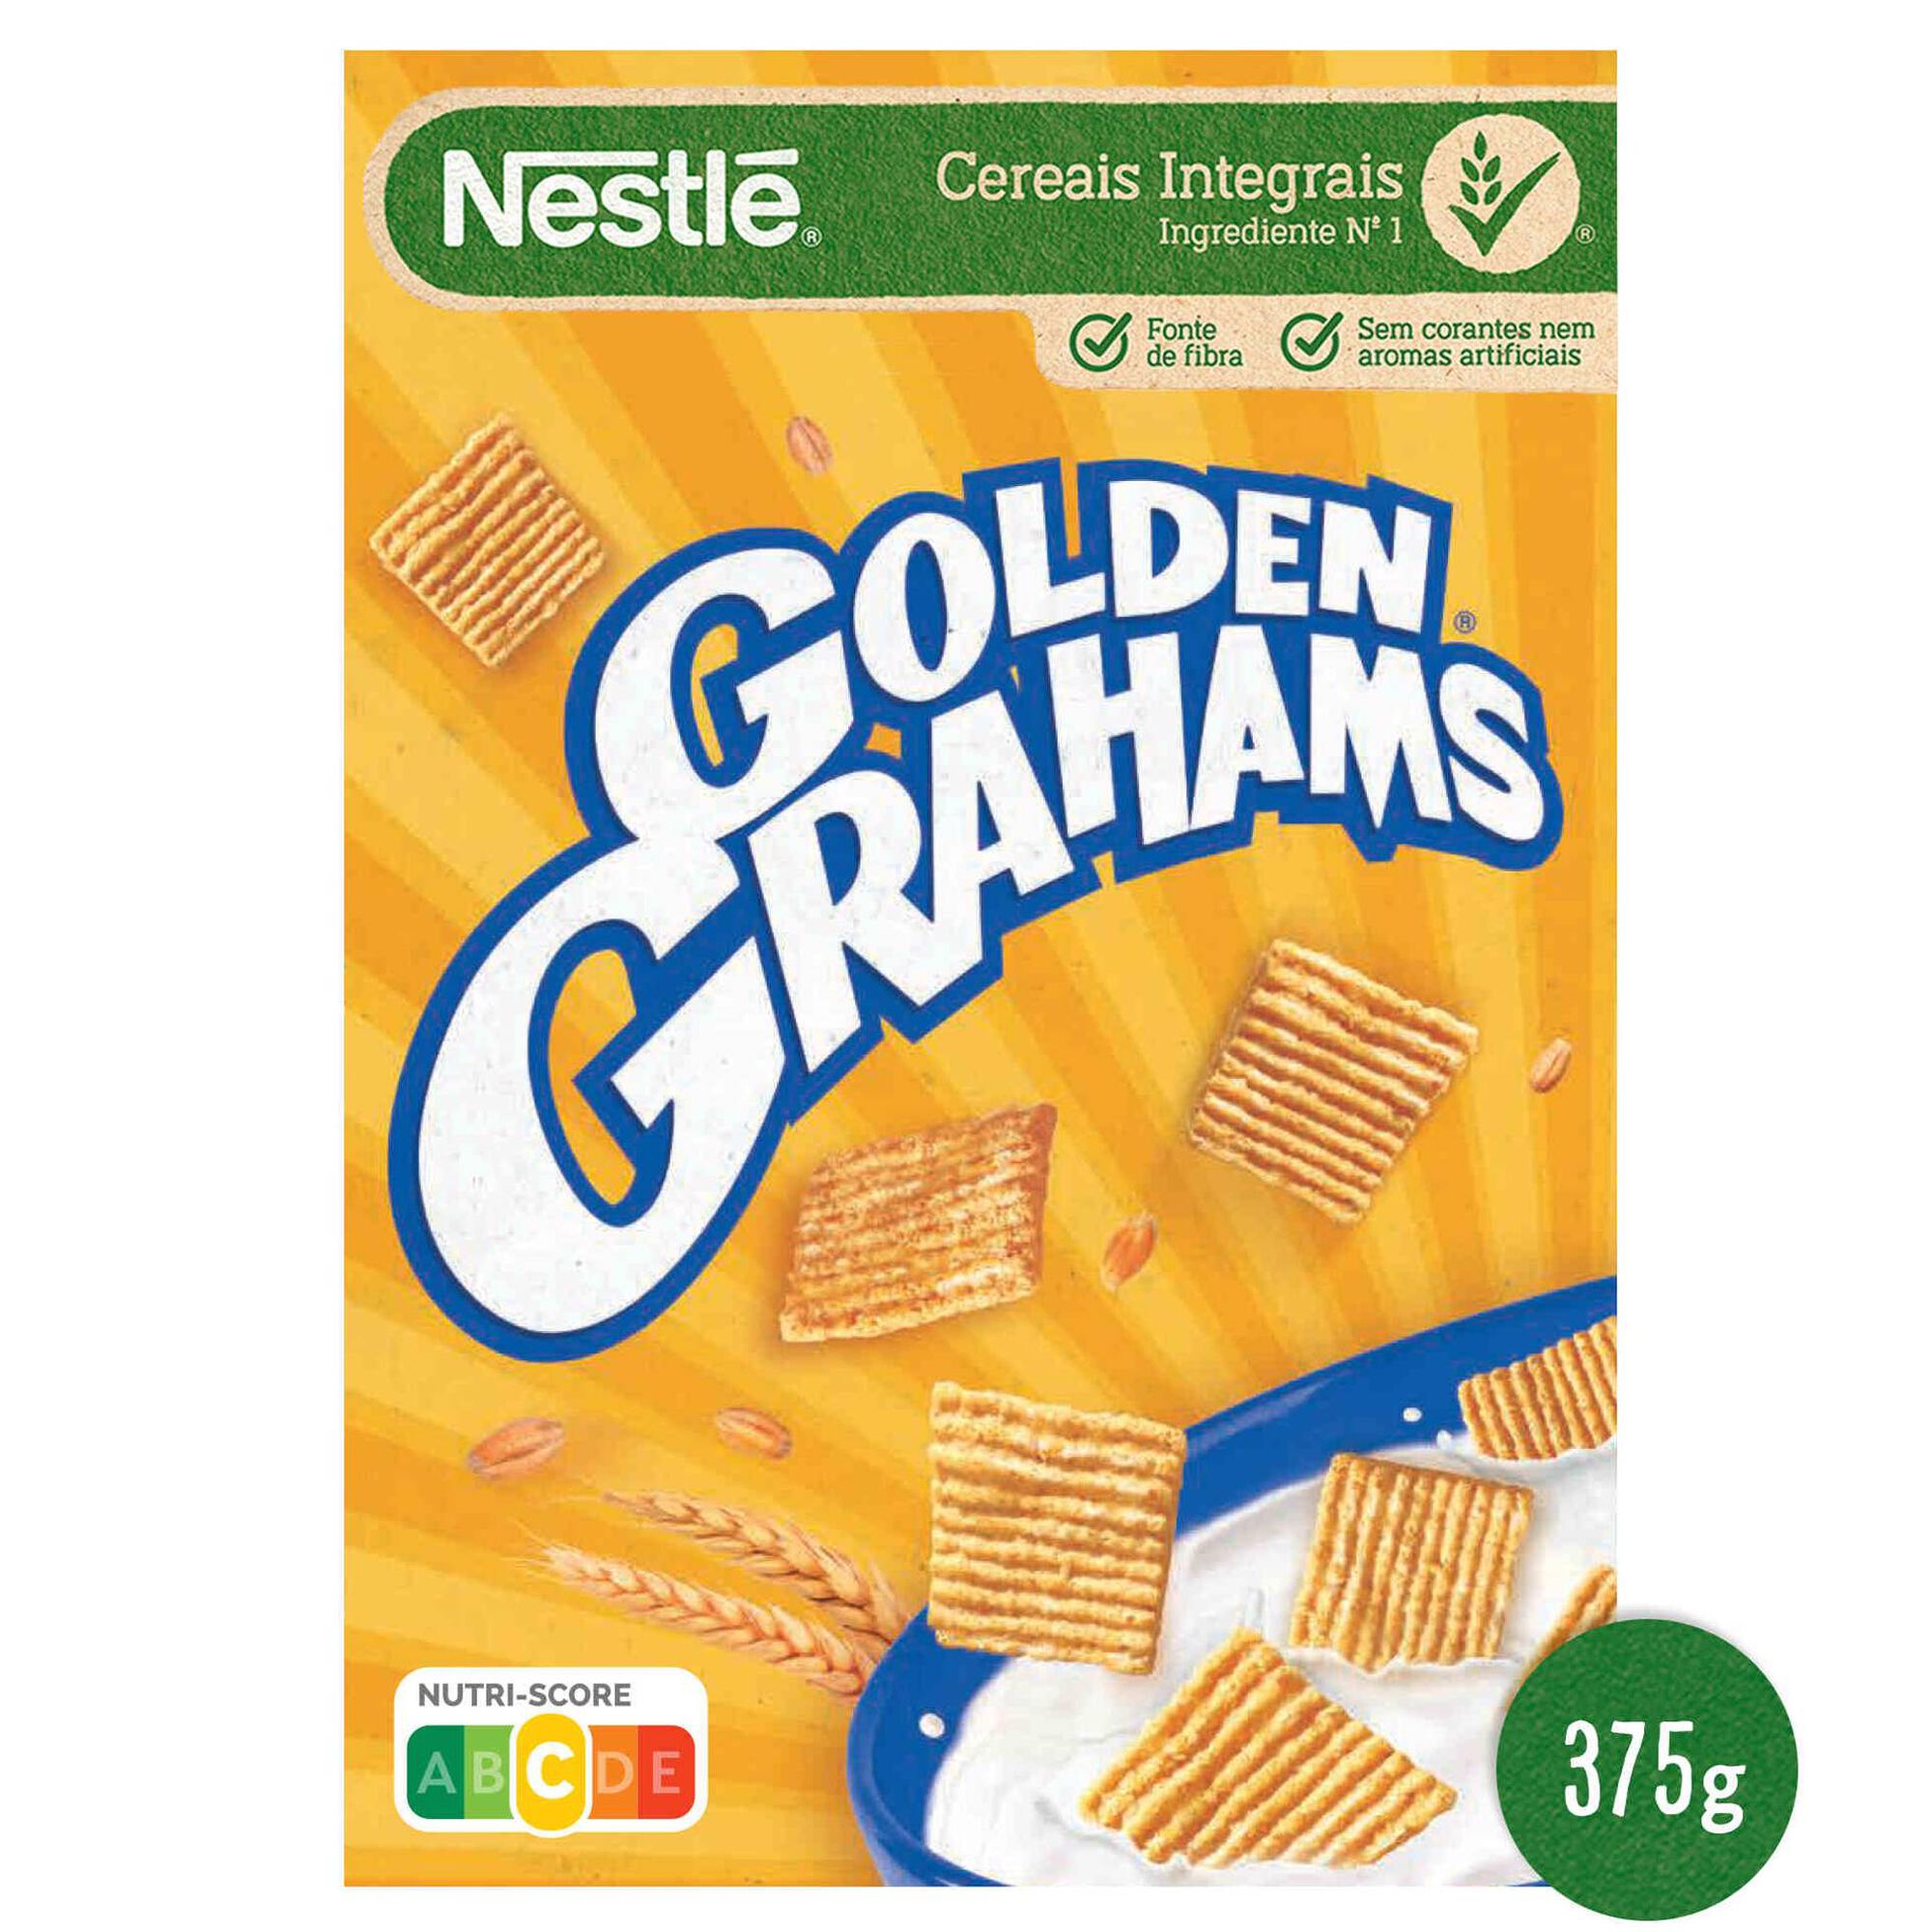 Cereais Golden Grahams